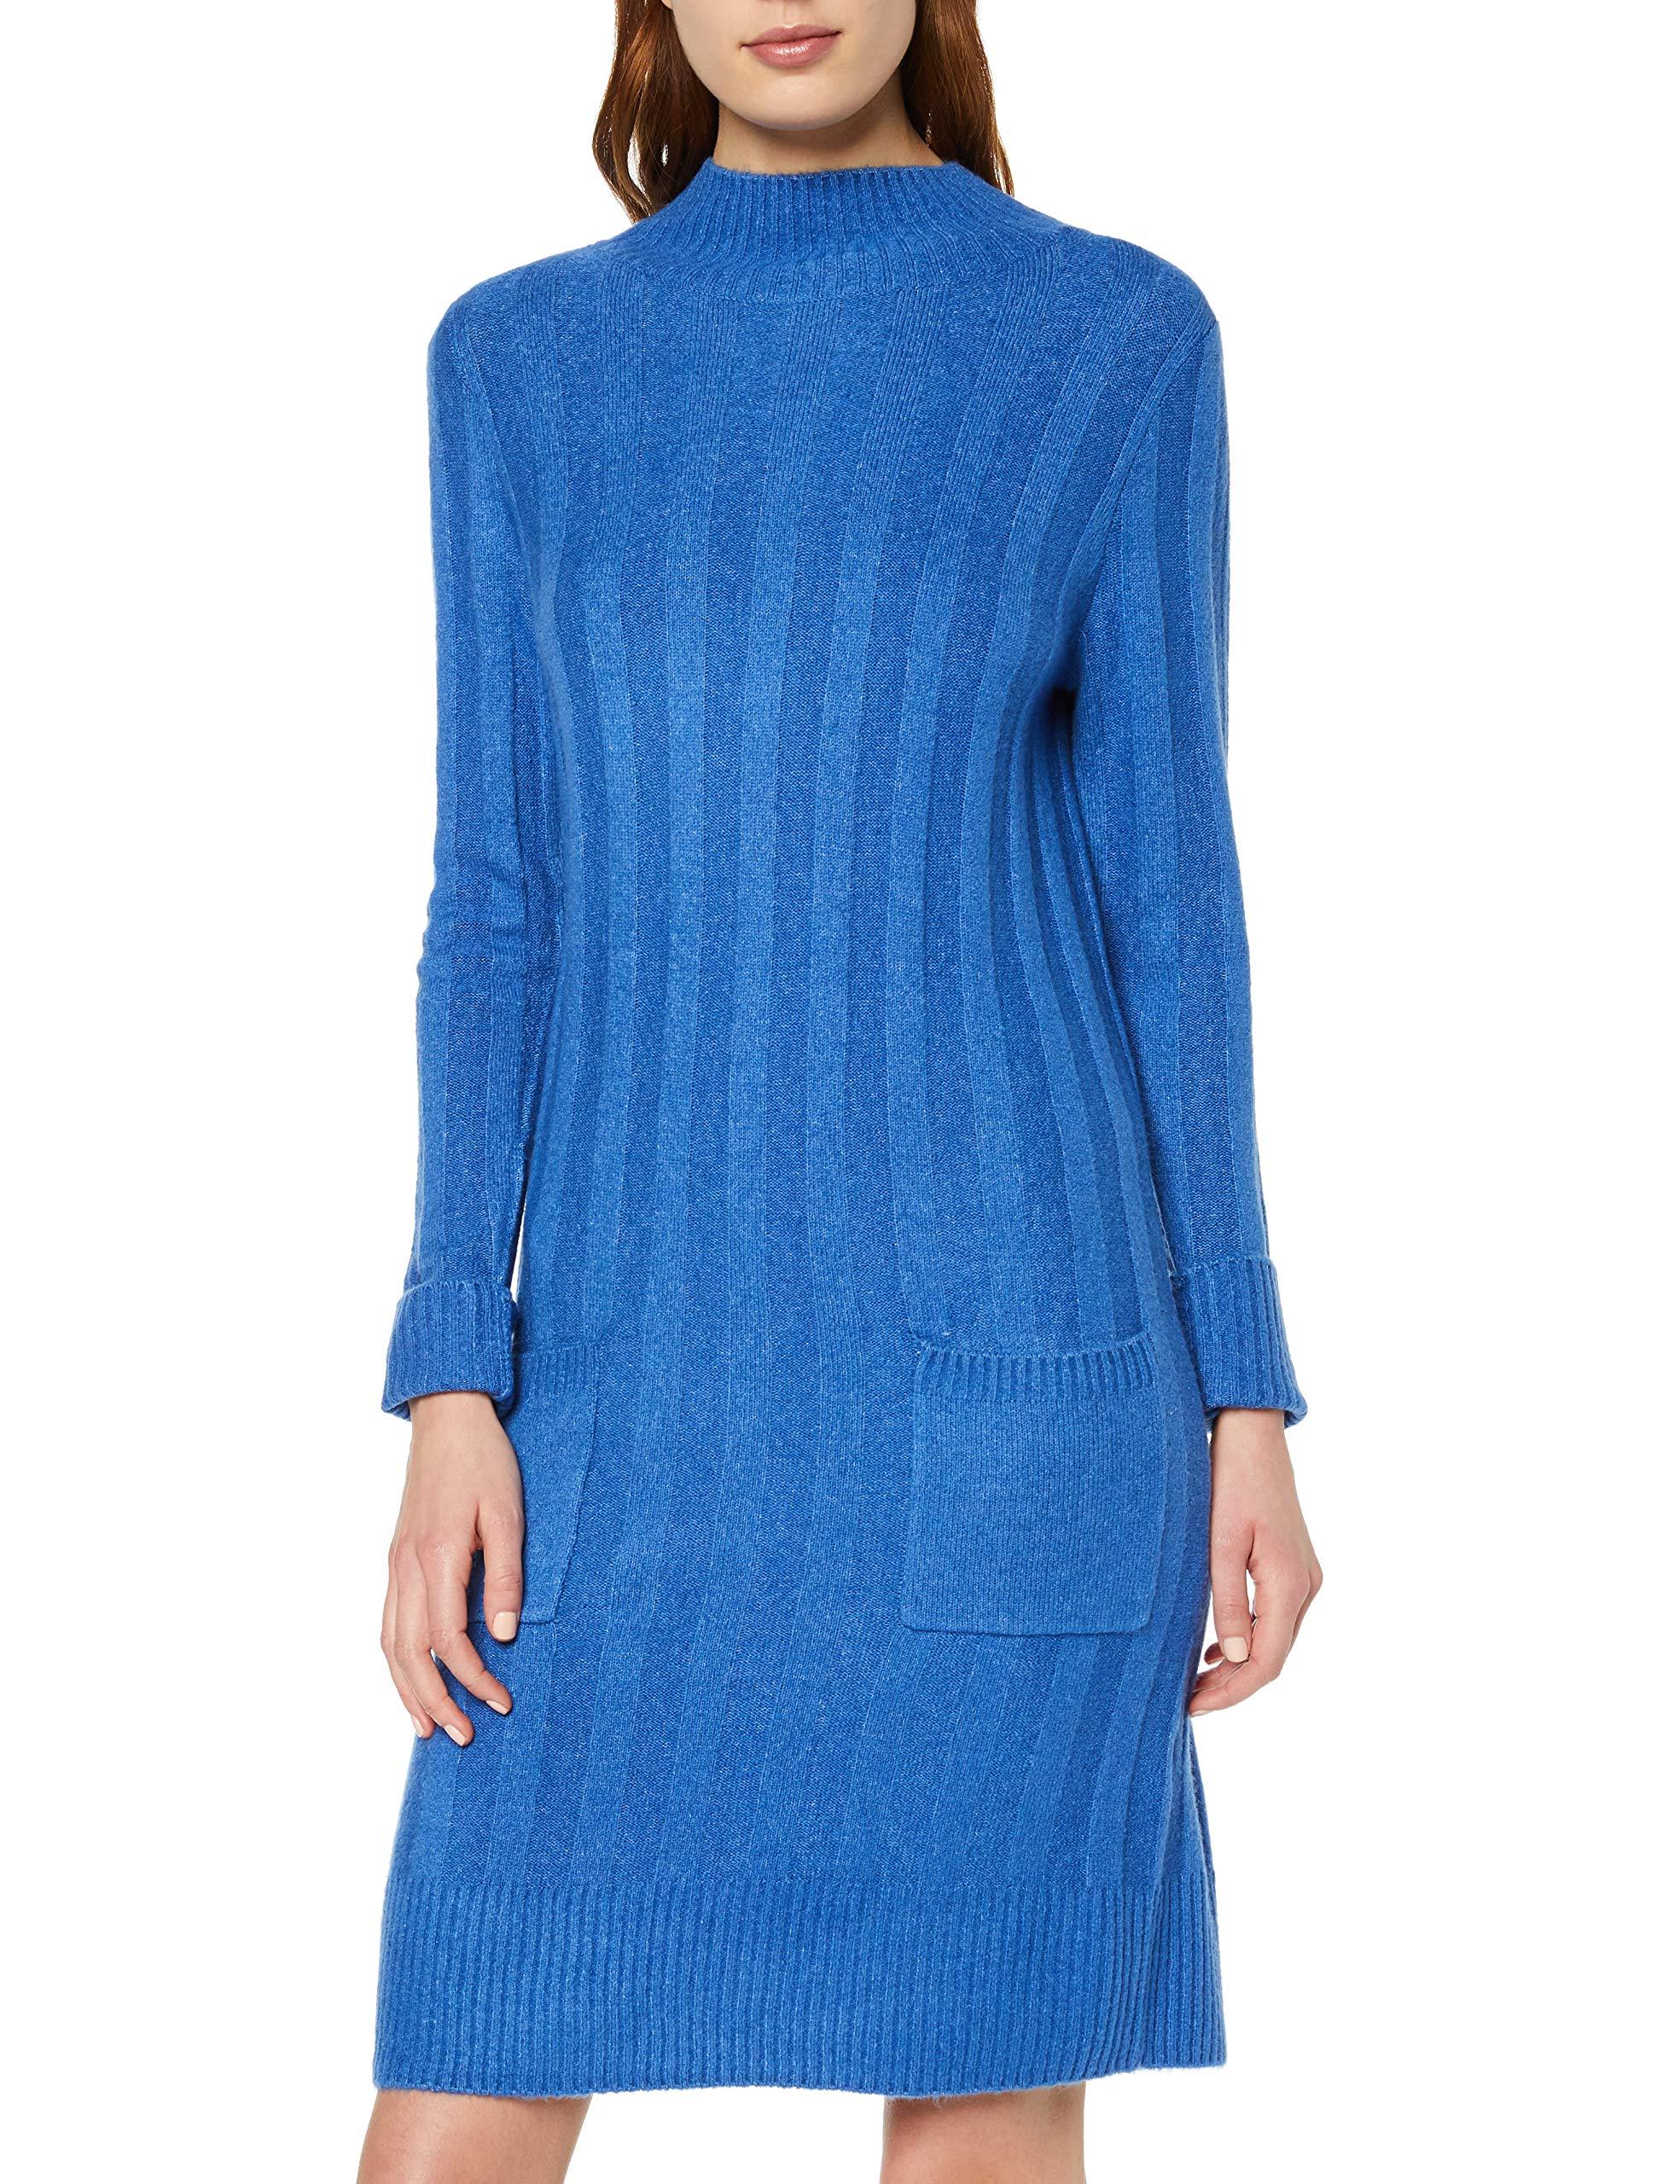 Tom Mit Hohem Tailor Fabricant40Femme RobeBleusapphire Weiches Up Stand Blue Casual 1135642taille Strickkleid Kragen XukZiTOP